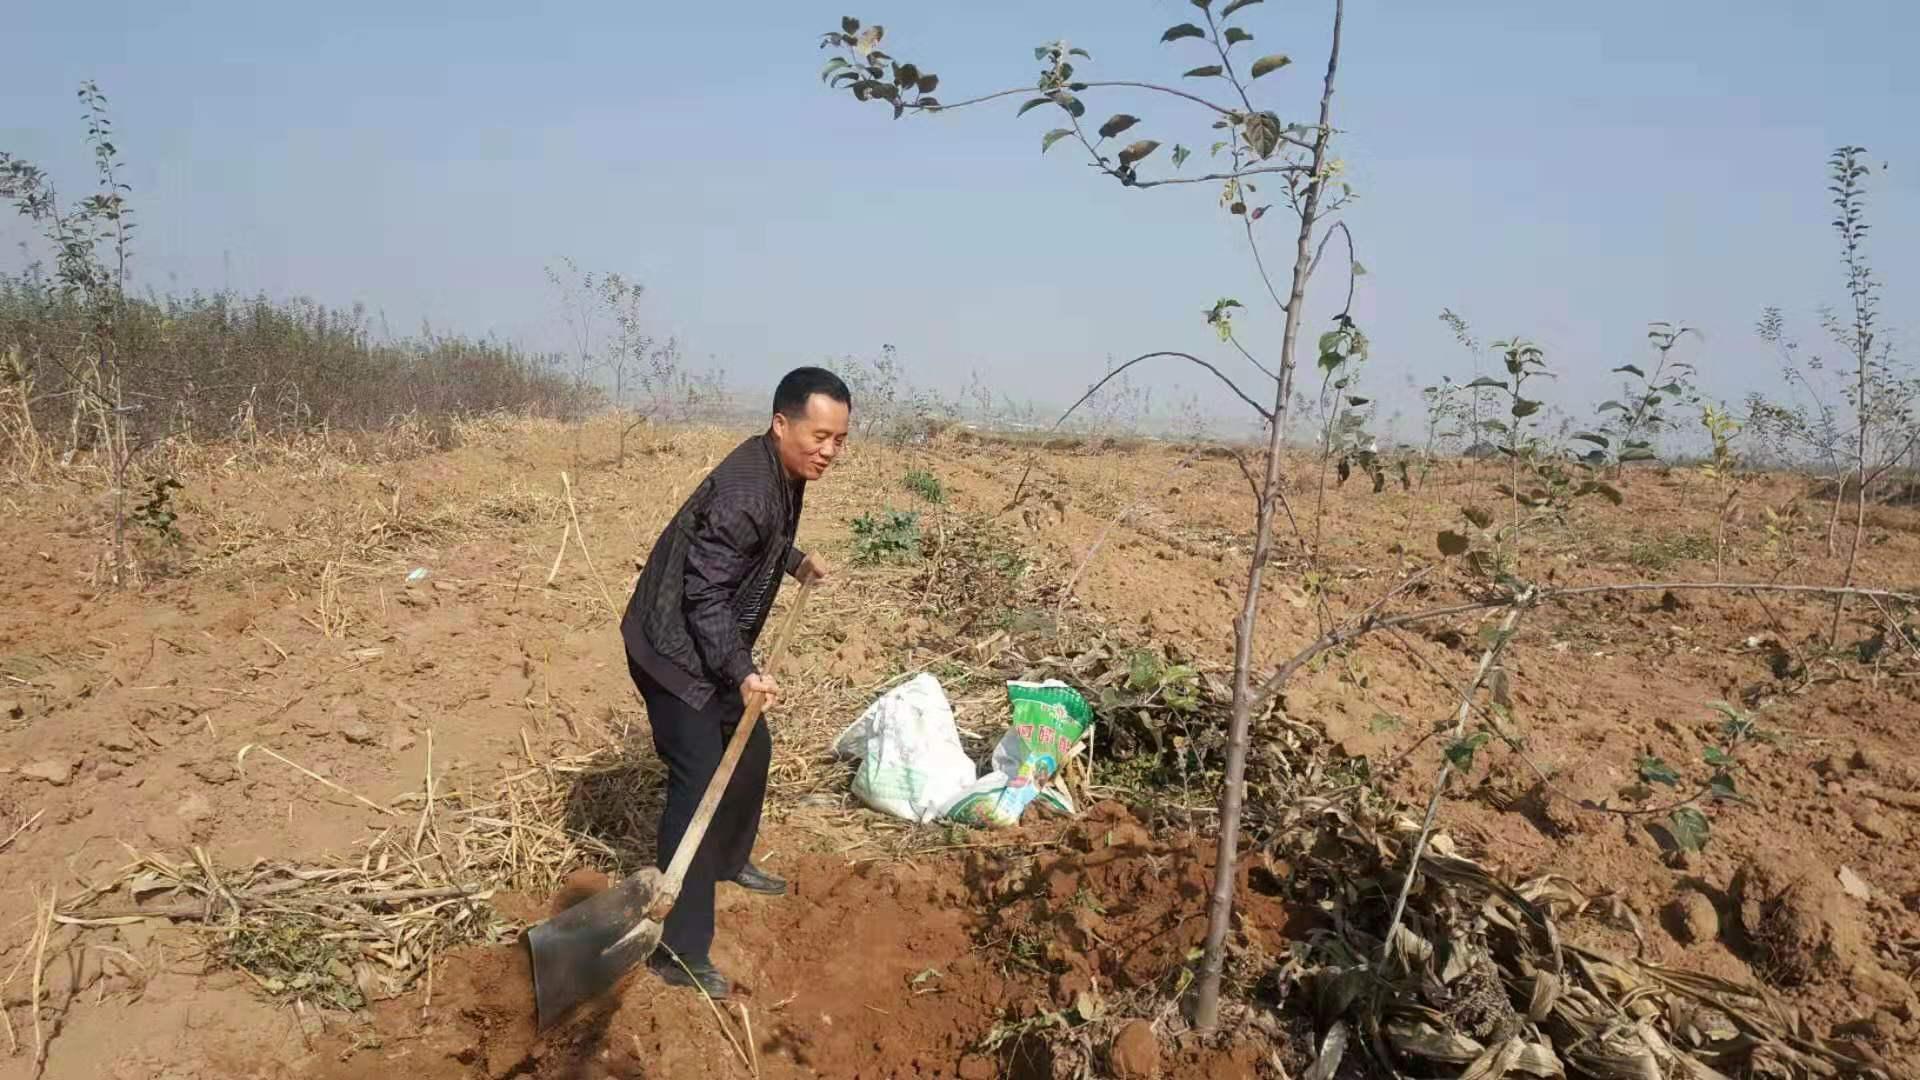 耀州:民警帮扶帮到家 真情感动贫困户